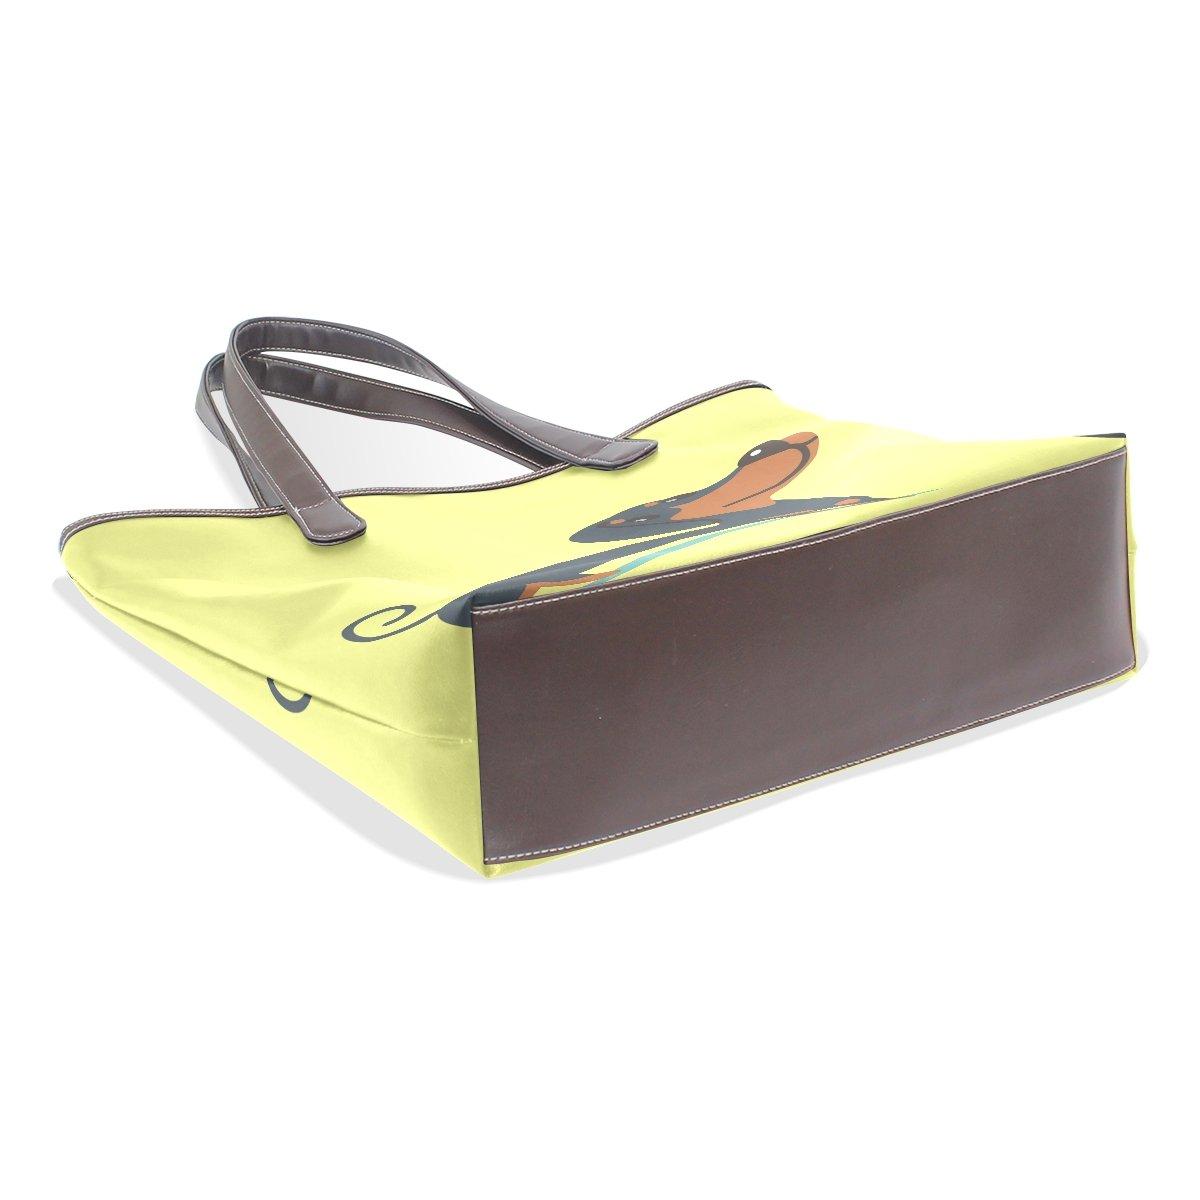 Mr.Weng Household Dachshund Lady Handbag Tote Bag Zipper Shoulder Bag